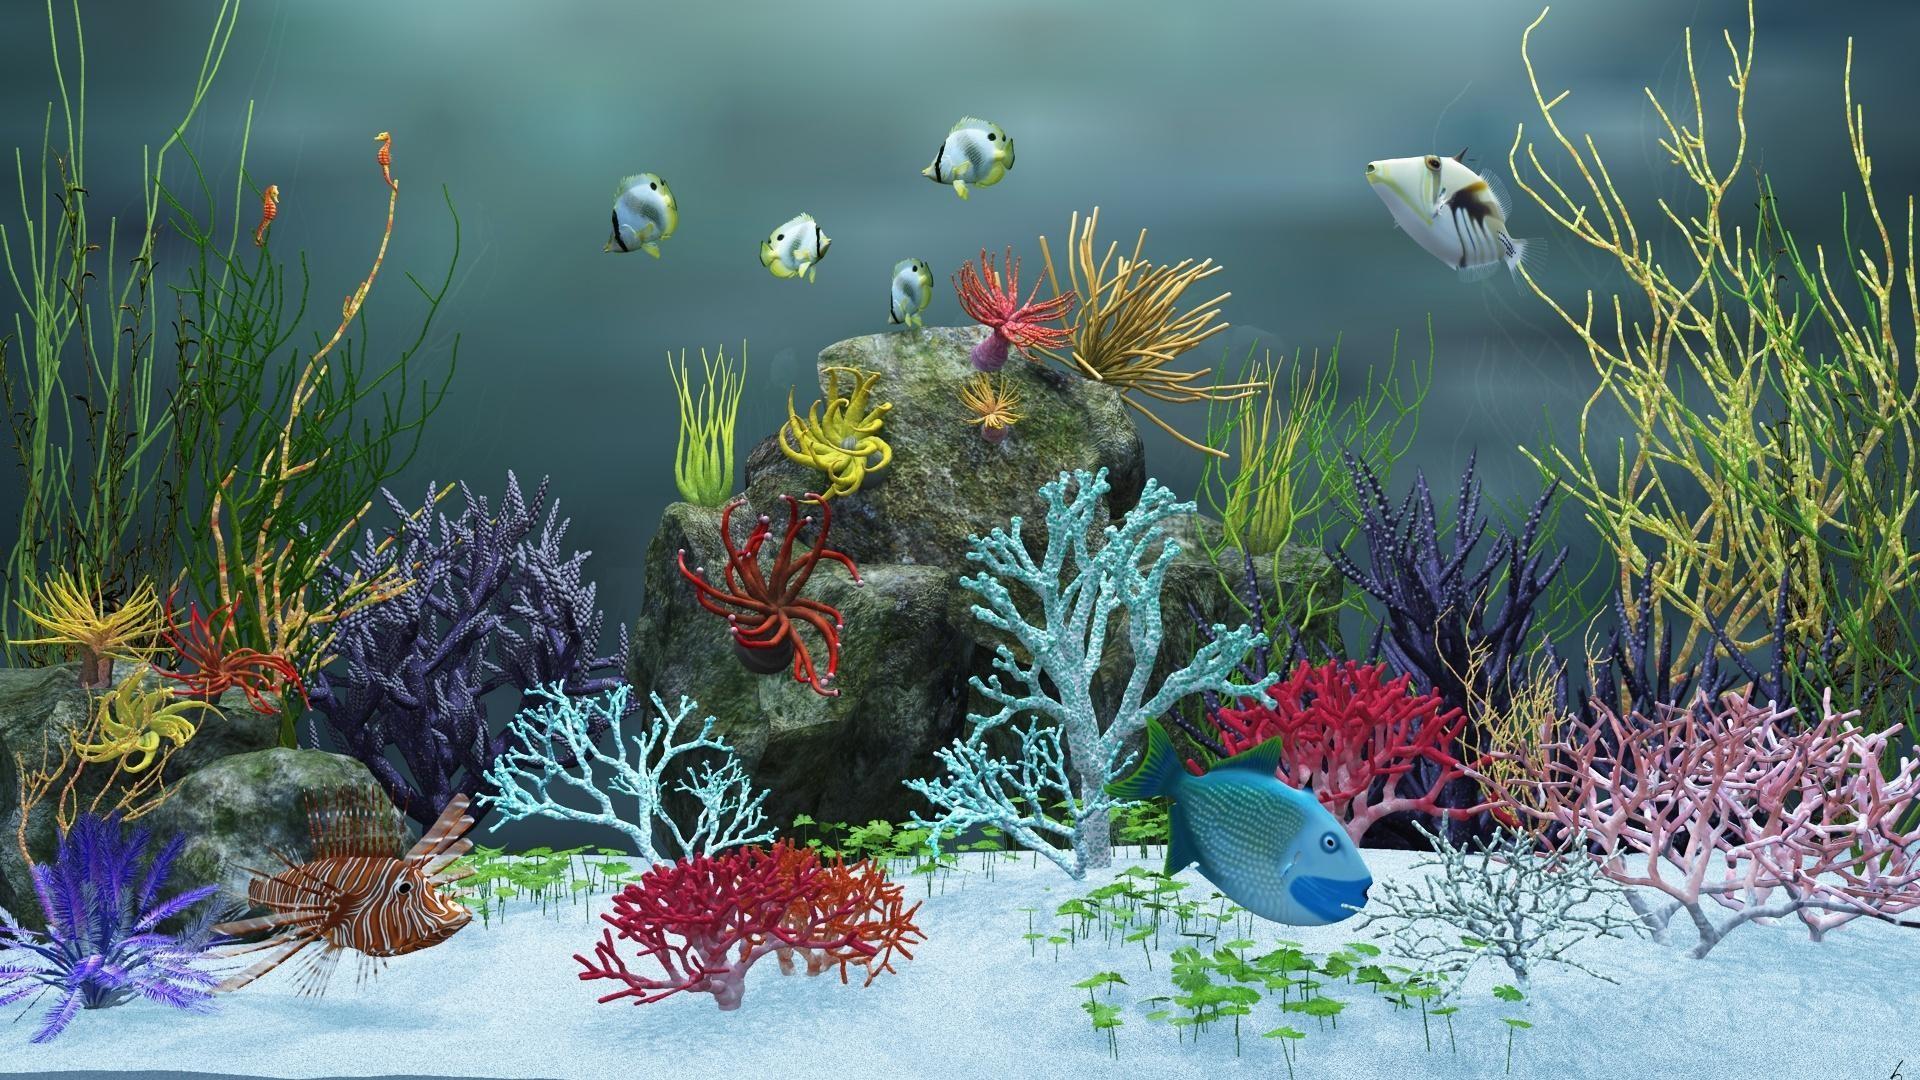 Animated Aquarium Desktop Wallpaper Windows : Aquarium desktop background